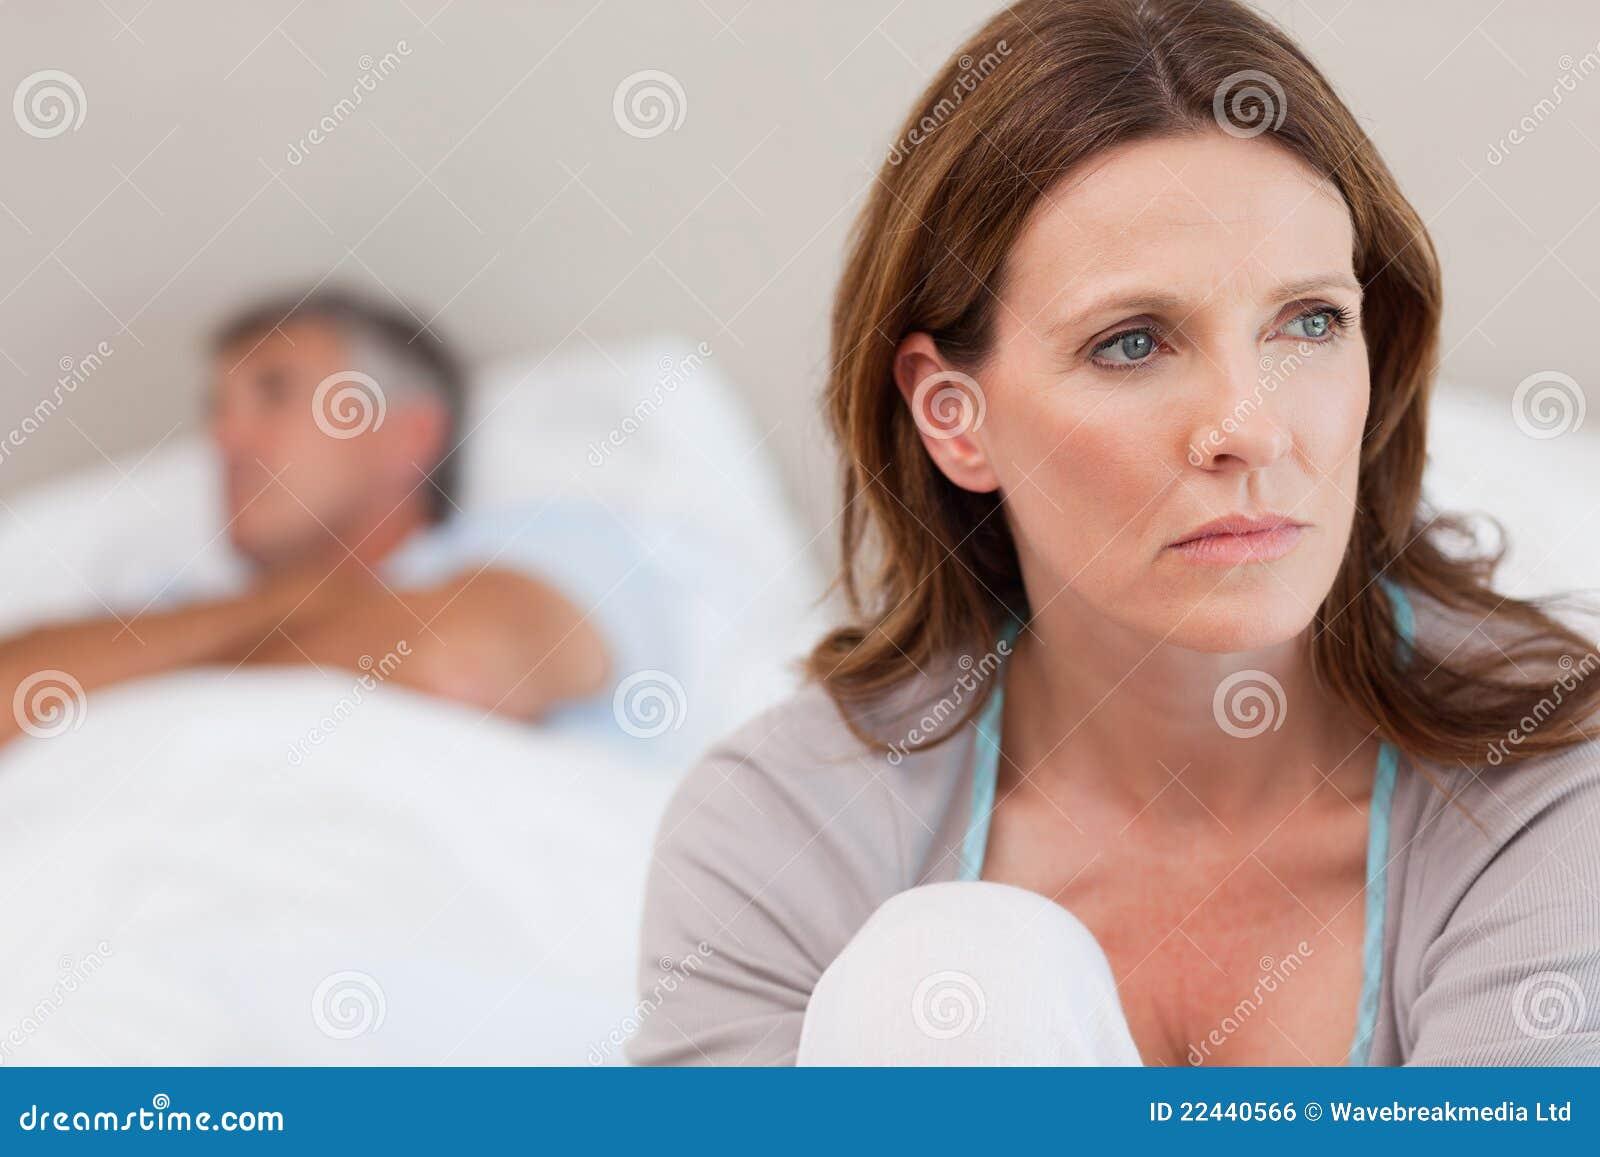 Traurige Frau auf Bett mit ihrem Ehemann im Hintergrund